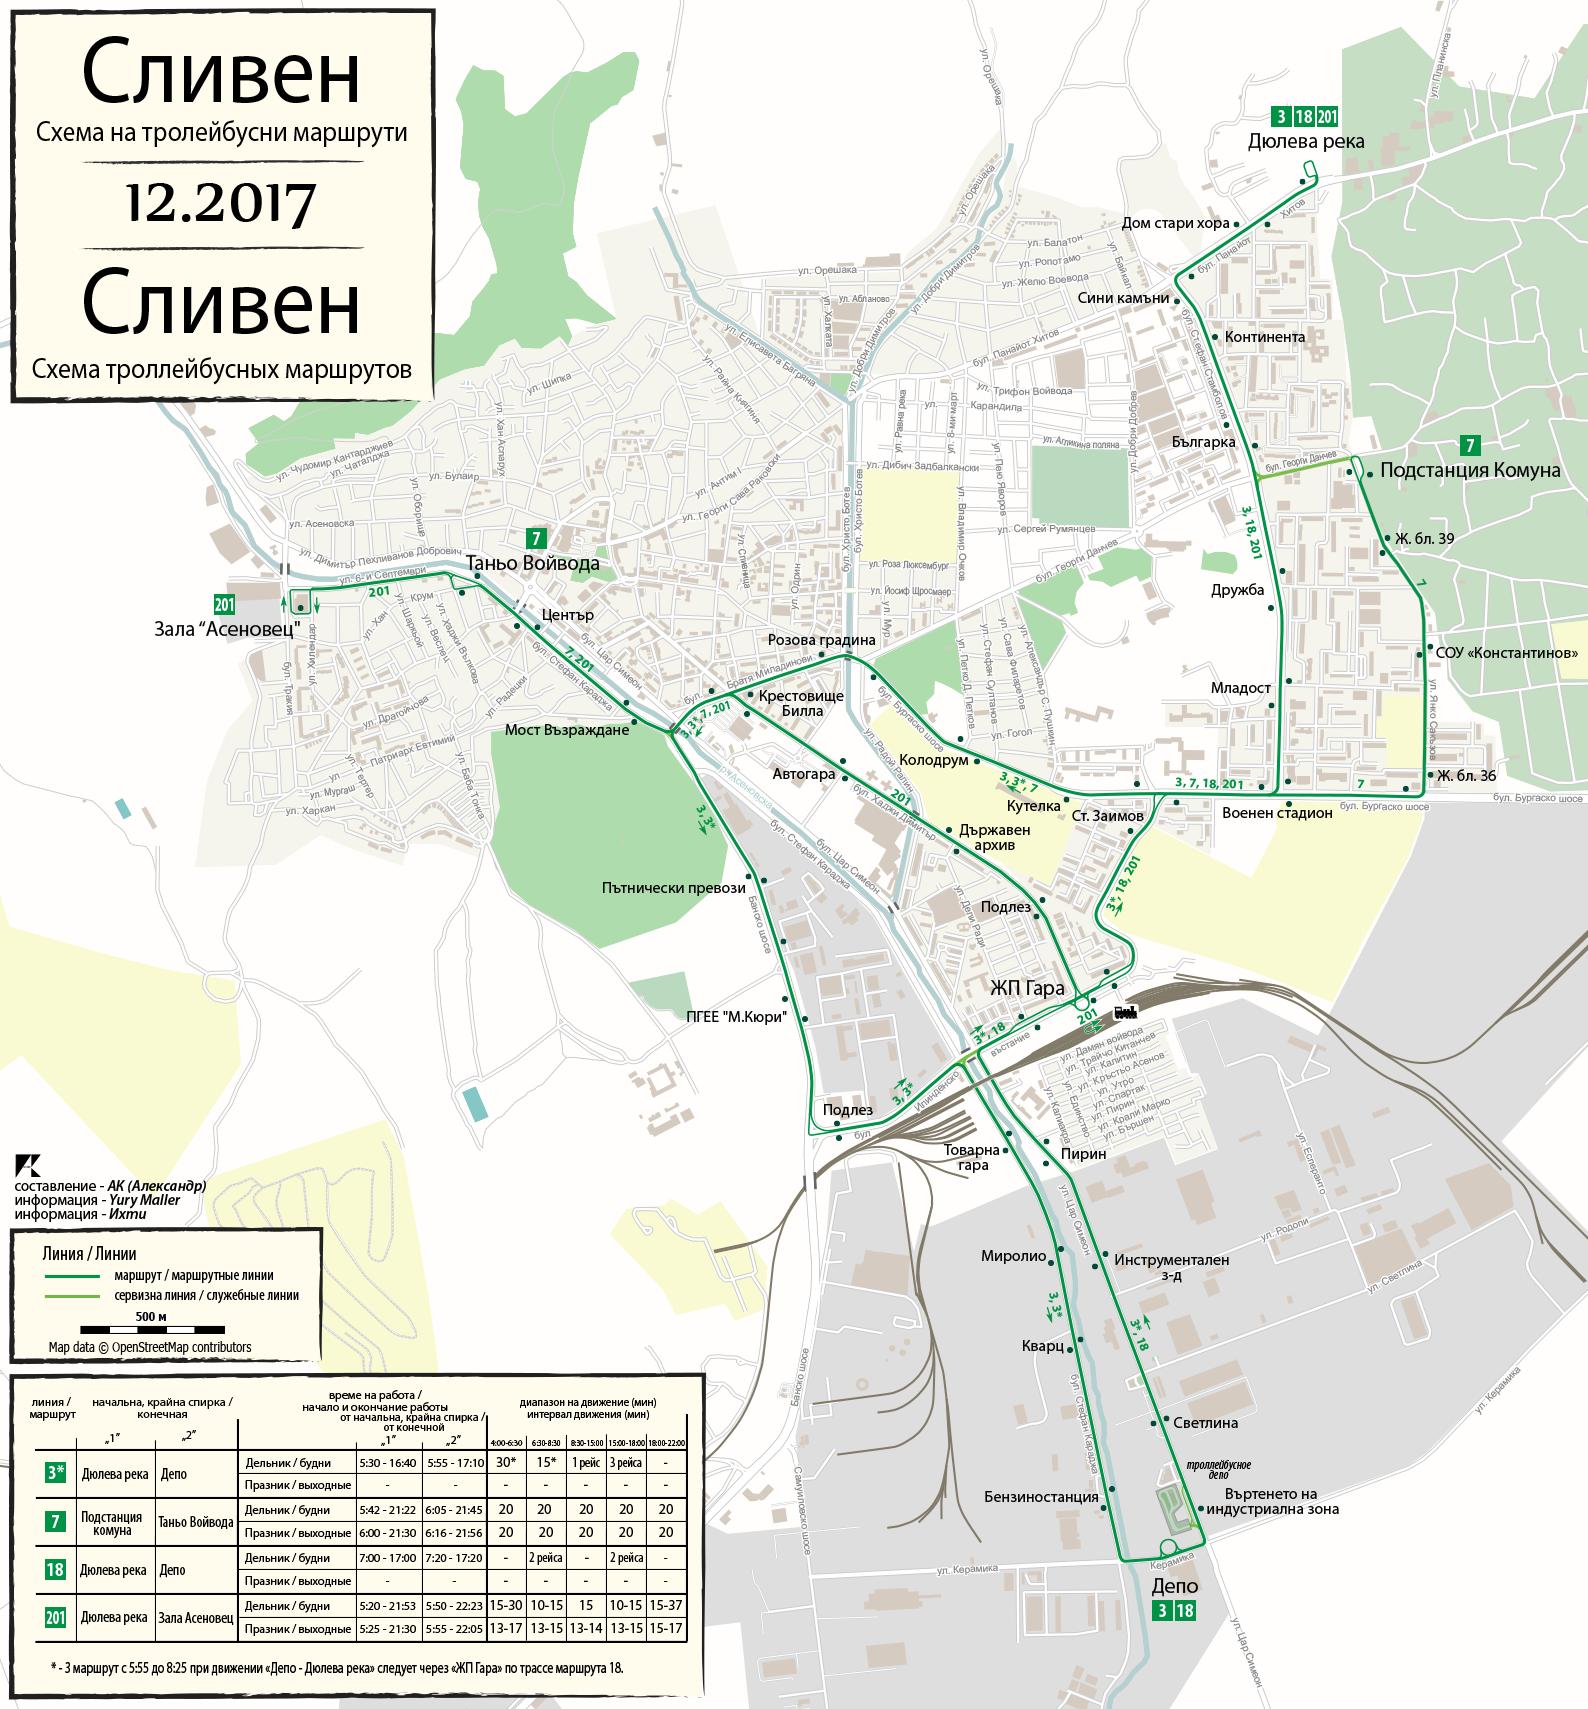 Stav sítě v roce 2017. Dnes je v provozu pouze linka č. 201, většinově operovaná autobusy SOR EBN 10.5. (autor: Alexandr Klišin)